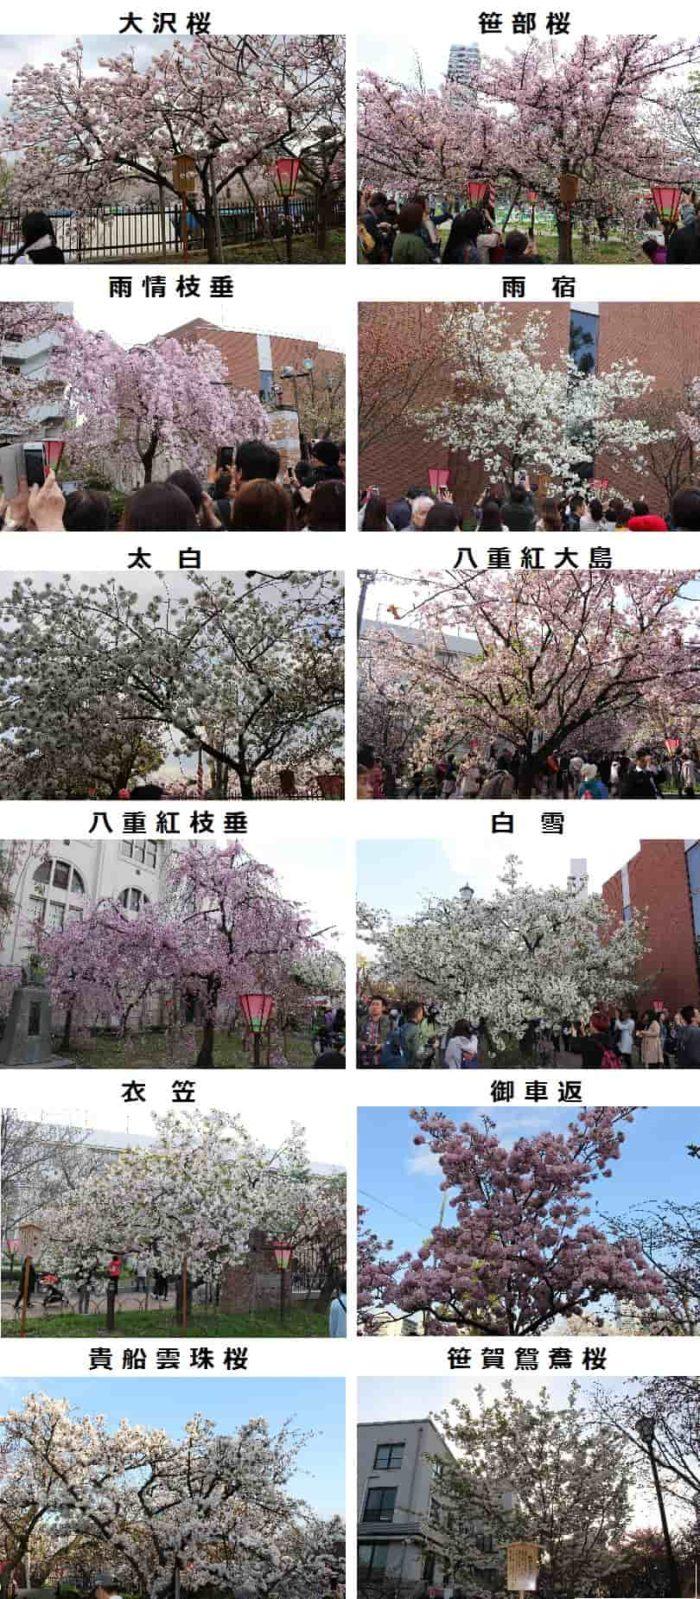 見ごろを迎えている桜です。